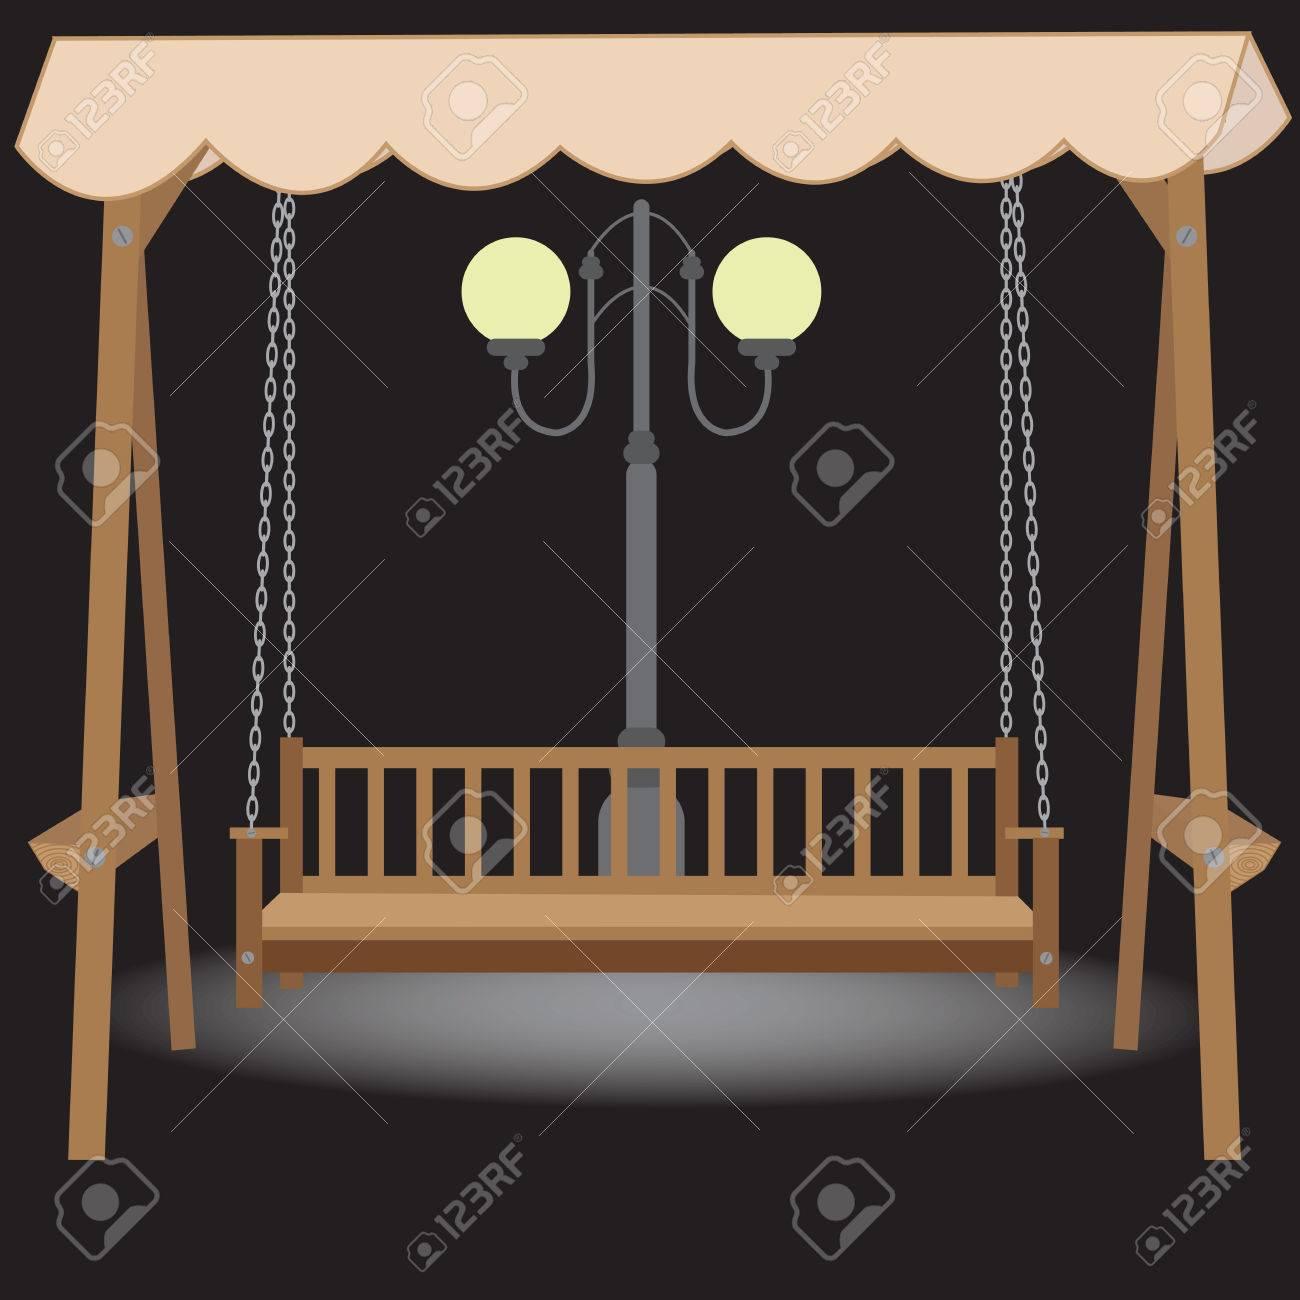 balancoire banc en bois avec un toit en tissu suspendu sur les chaines a la lumiere de la lampe de nuit